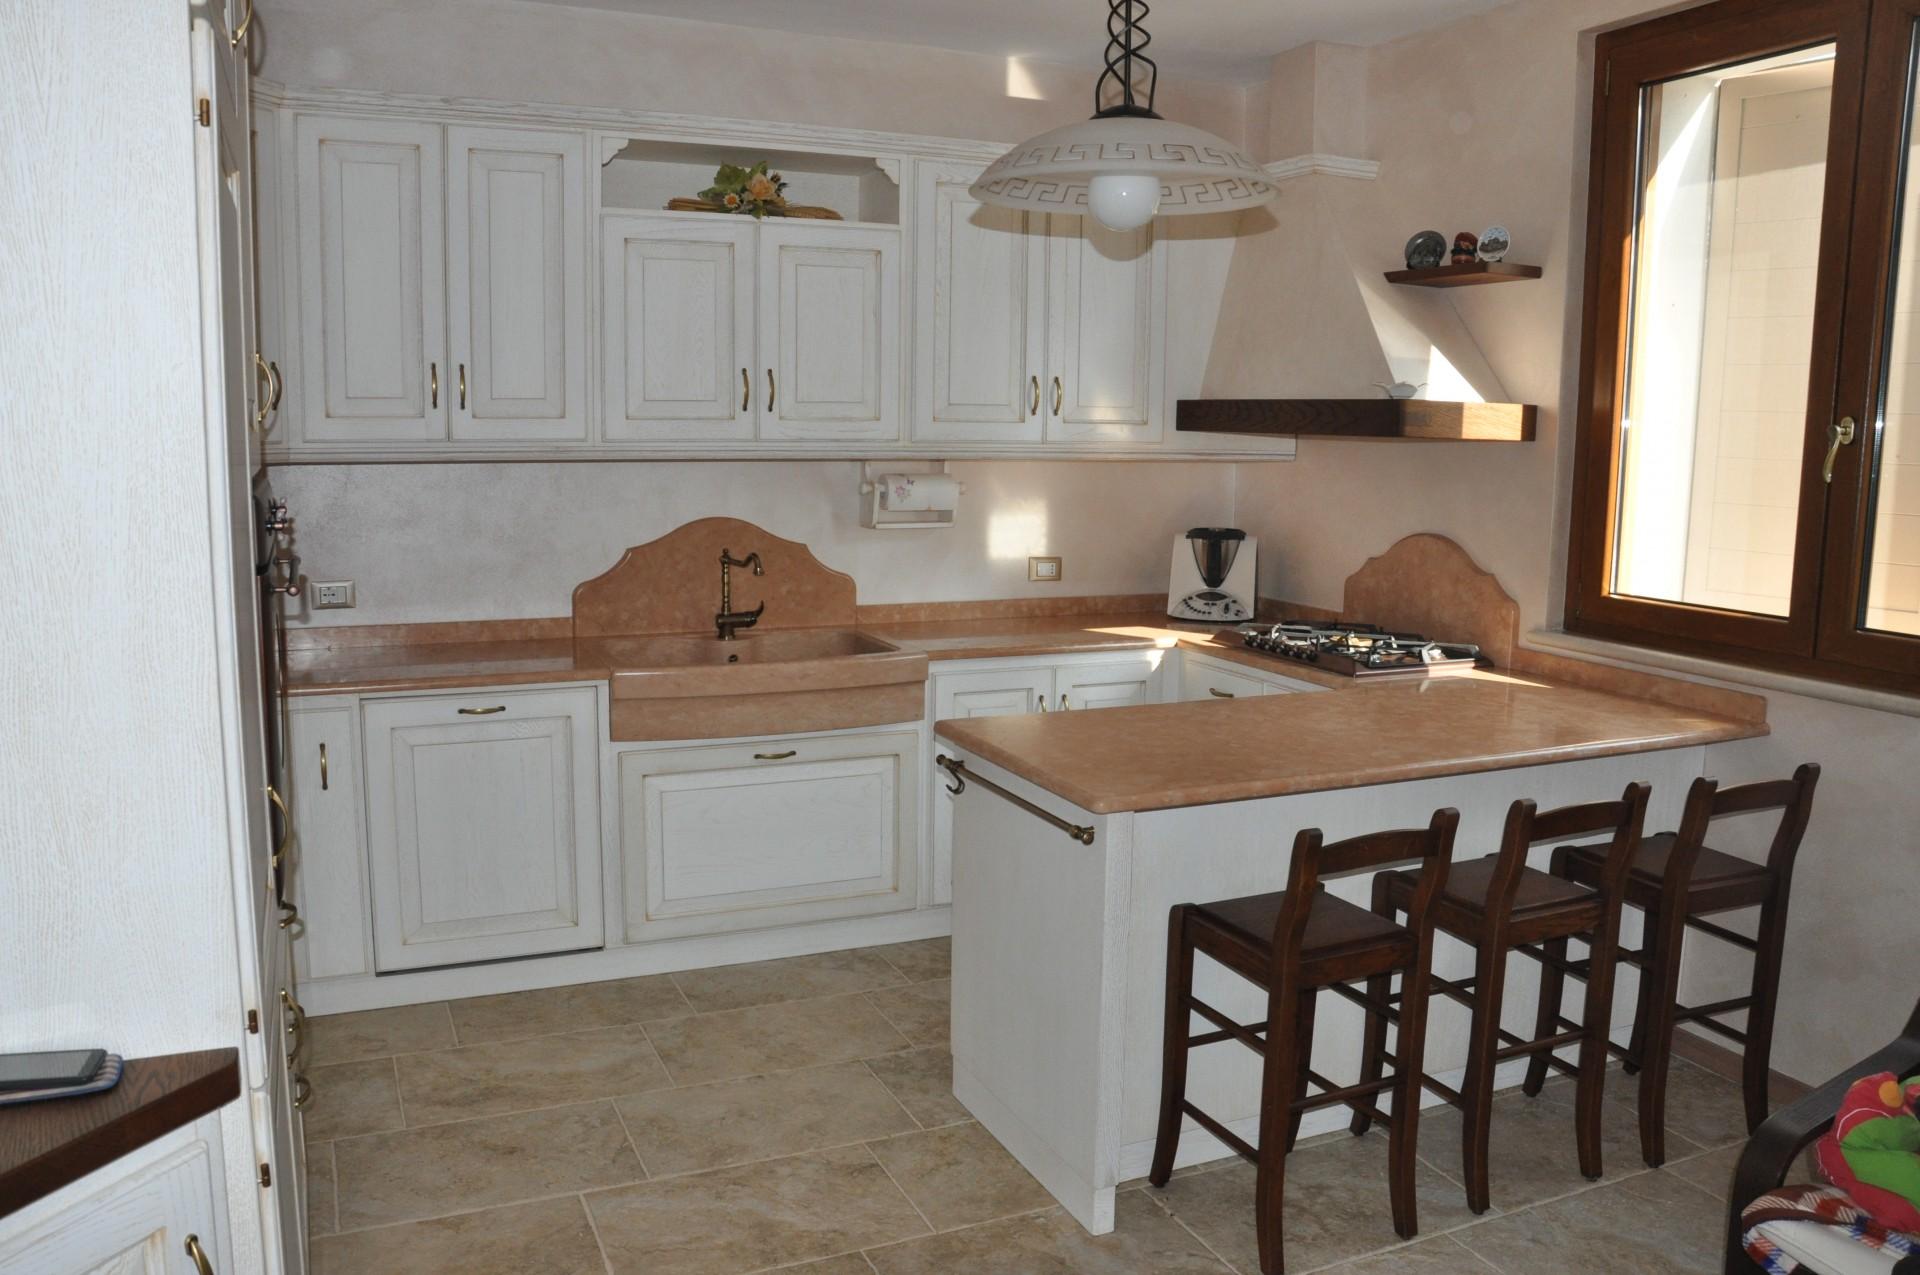 Cucina country in legno su misura.